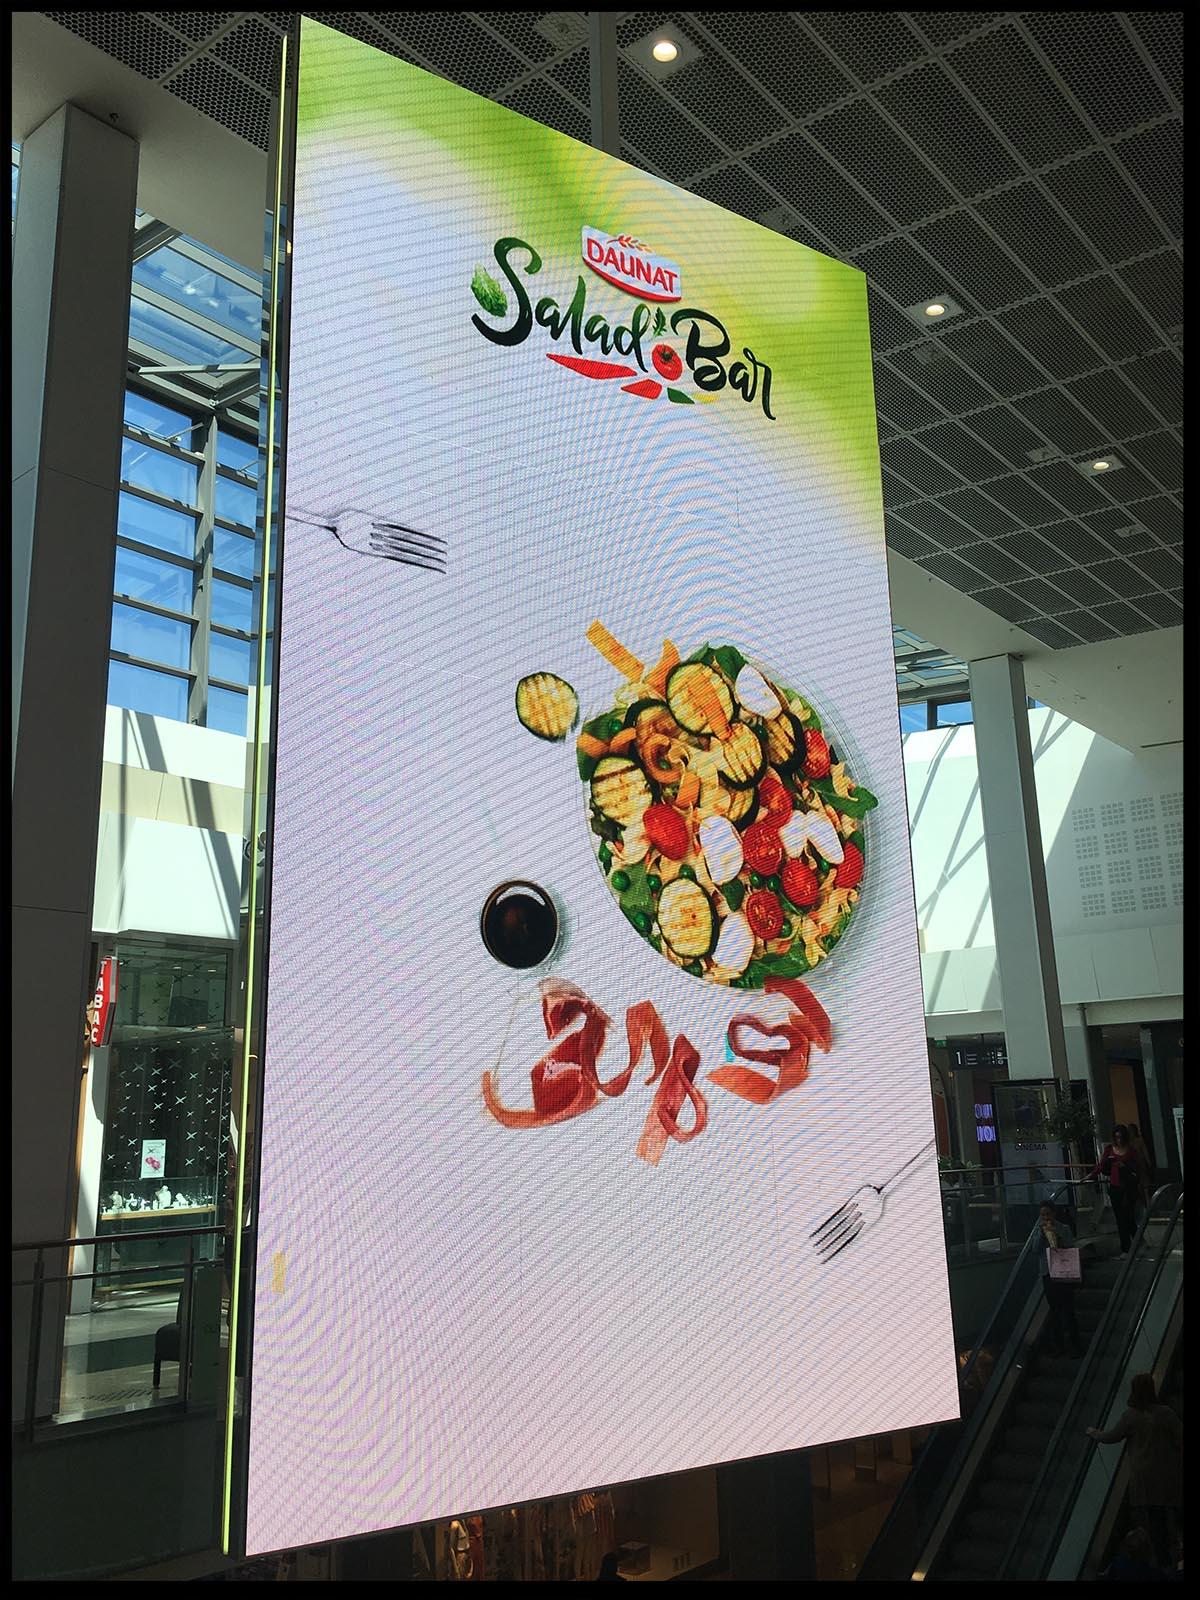 affichage digital du spot Daunat salad bar realise pas la societe de production Arimedias